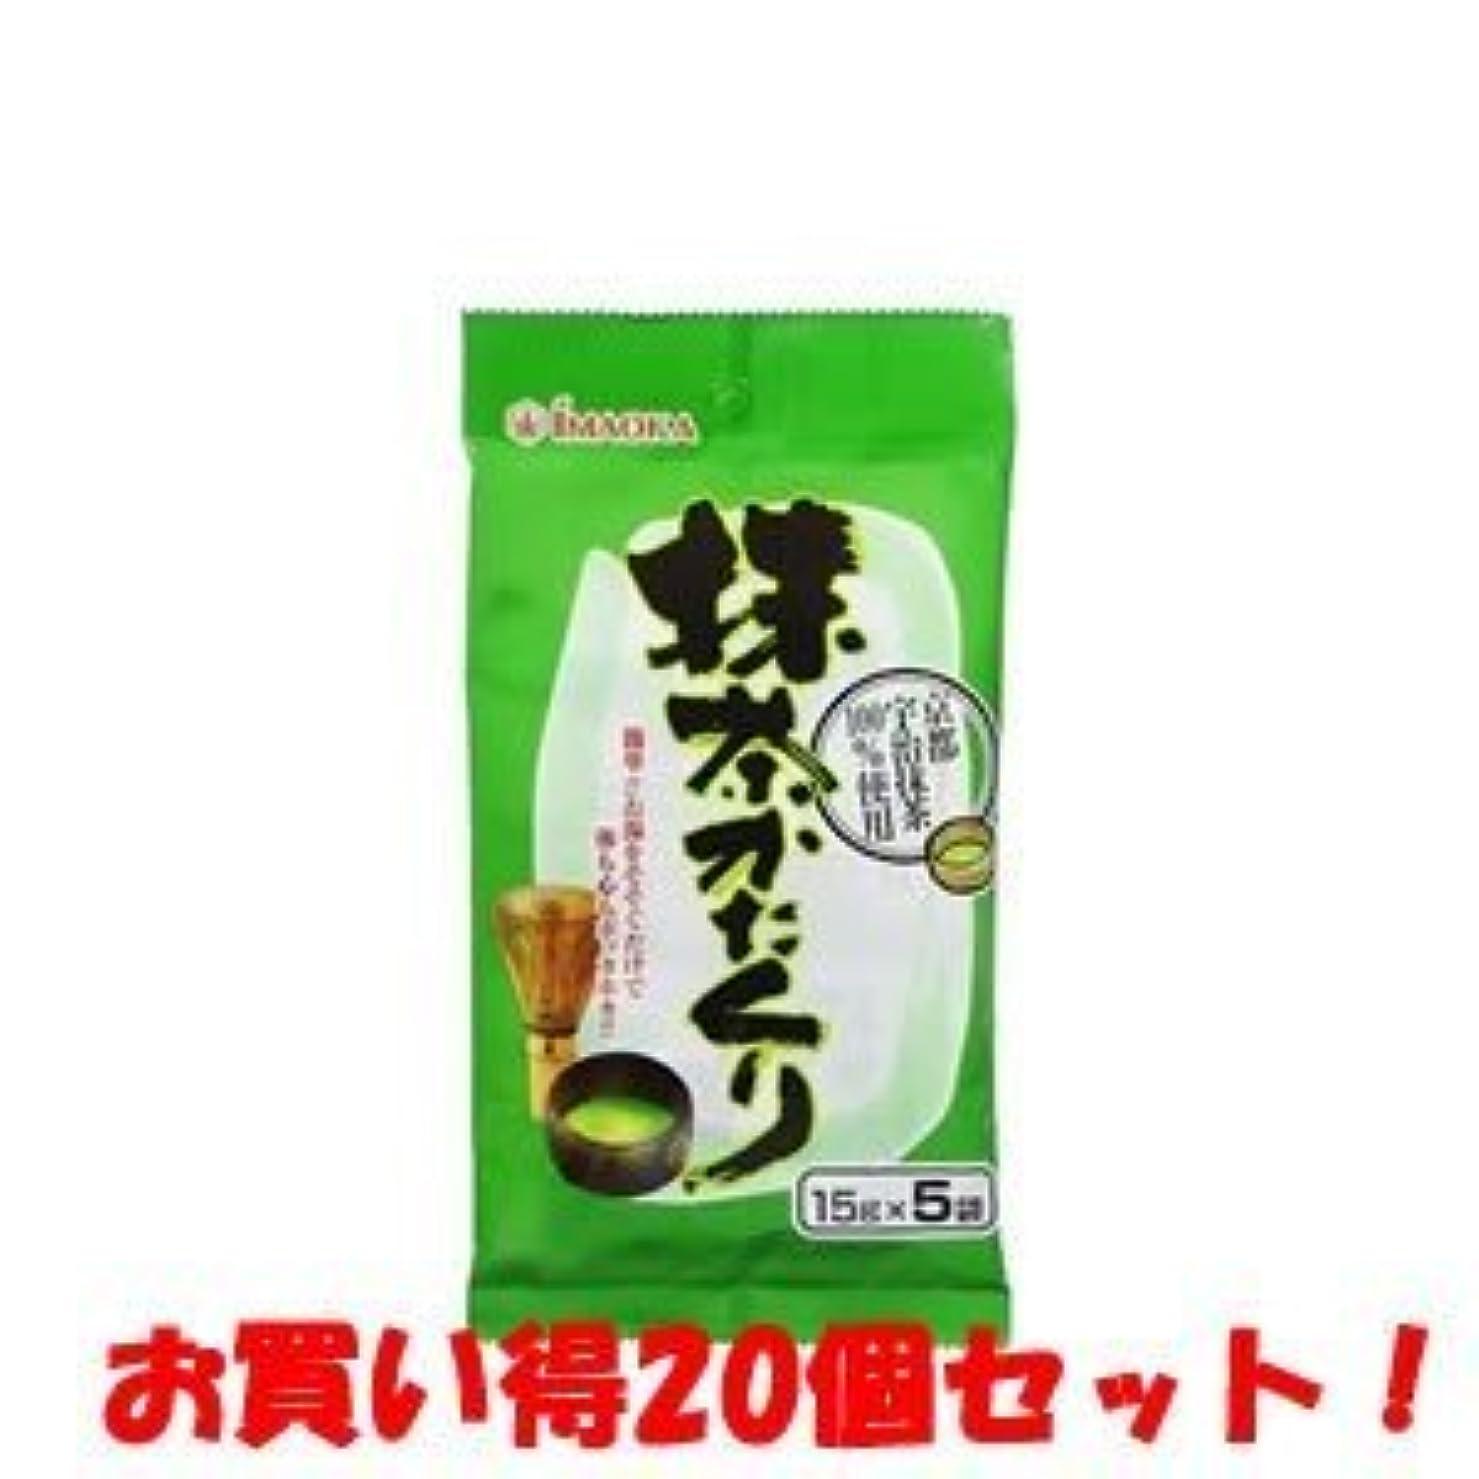 トロピカル不倫フランクワースリー(今岡製菓)抹茶かたくり 15g×5袋(お買い得20個セット)